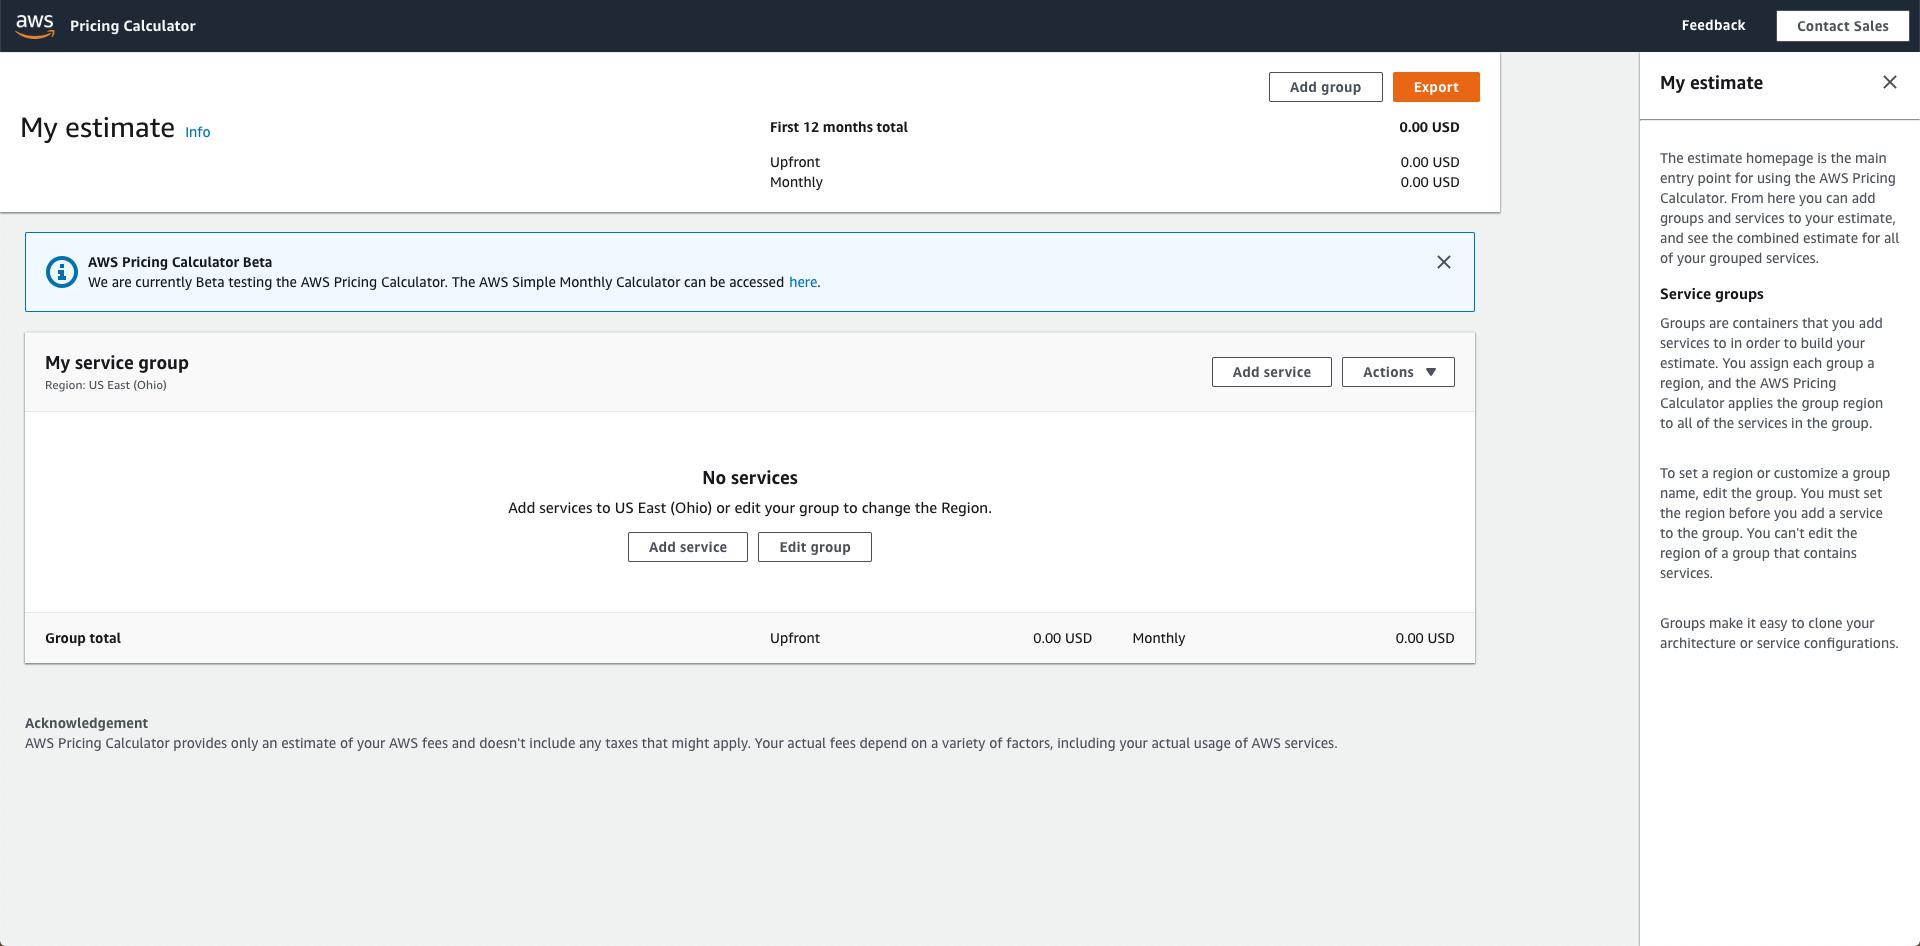 新機能]AWSの新しい見積もりツール(ベータ版)がリリースされまし